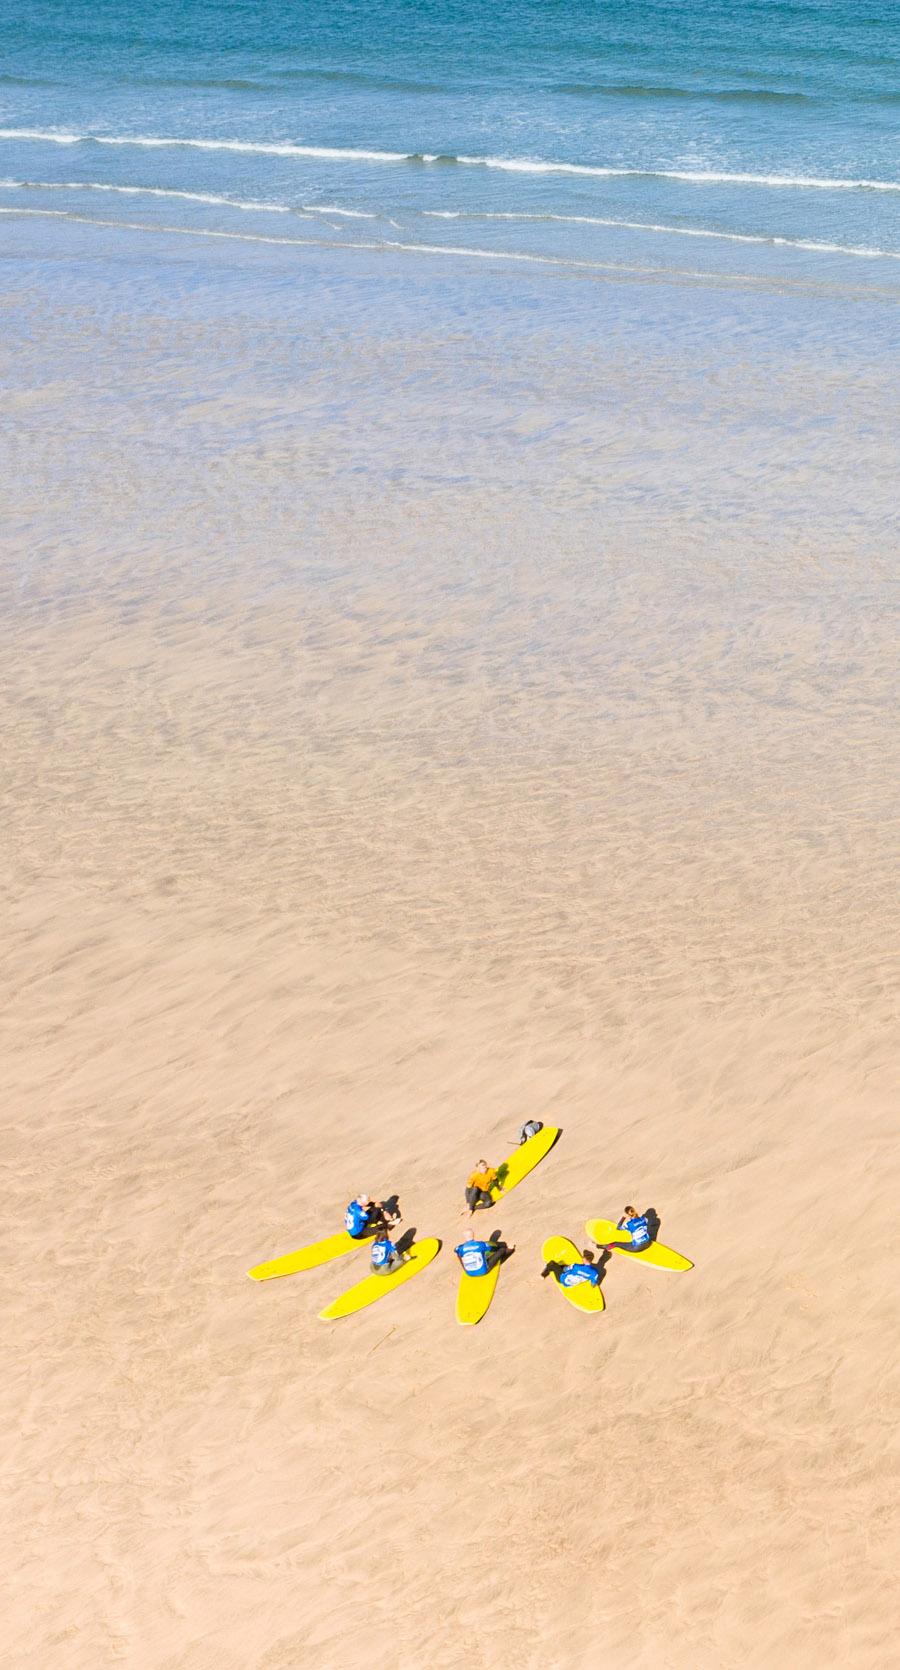 Global Boarders Surf School Praa Sands, Cornwall